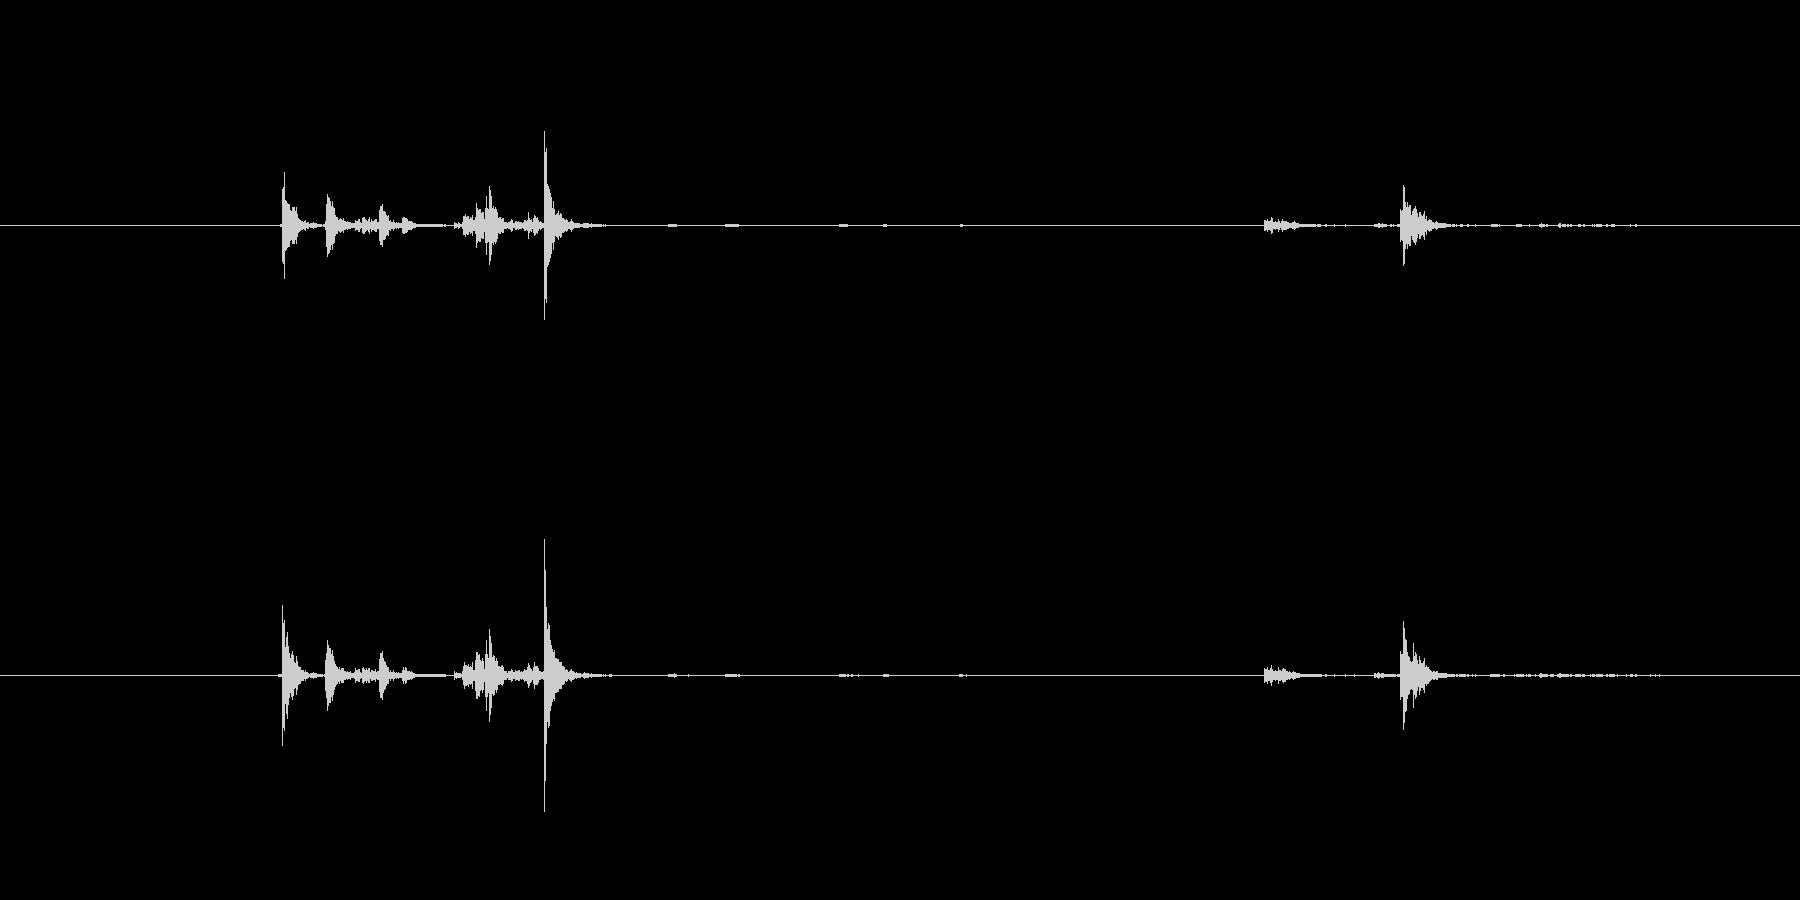 調理器具の蓋から出る音ですの未再生の波形